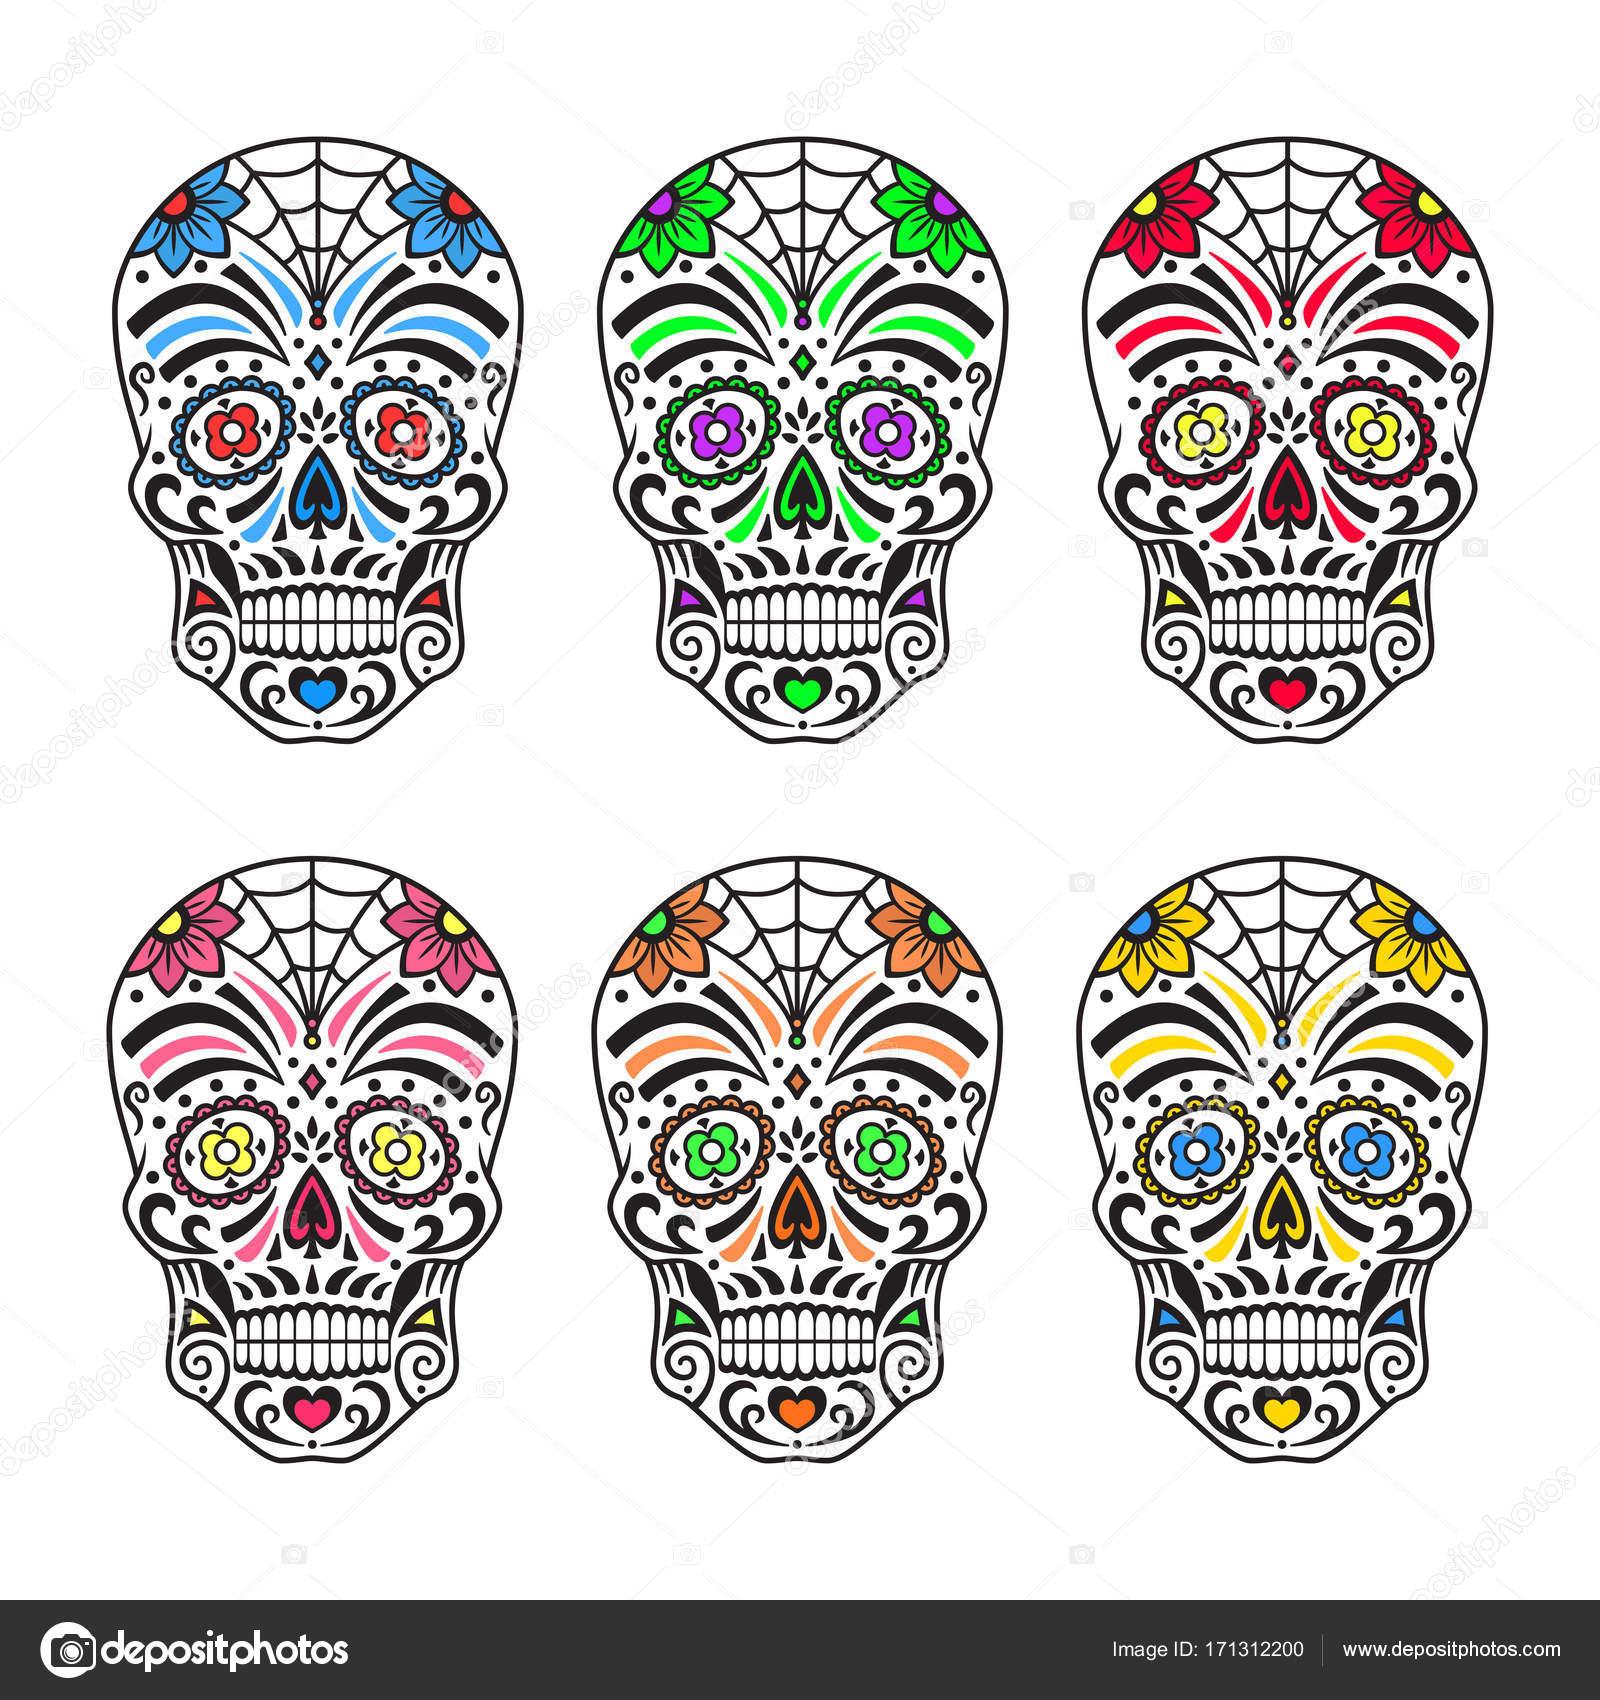 Dibujos Calacas Mexicanas Calaveras De Azúcar Coloridos Tatuajes